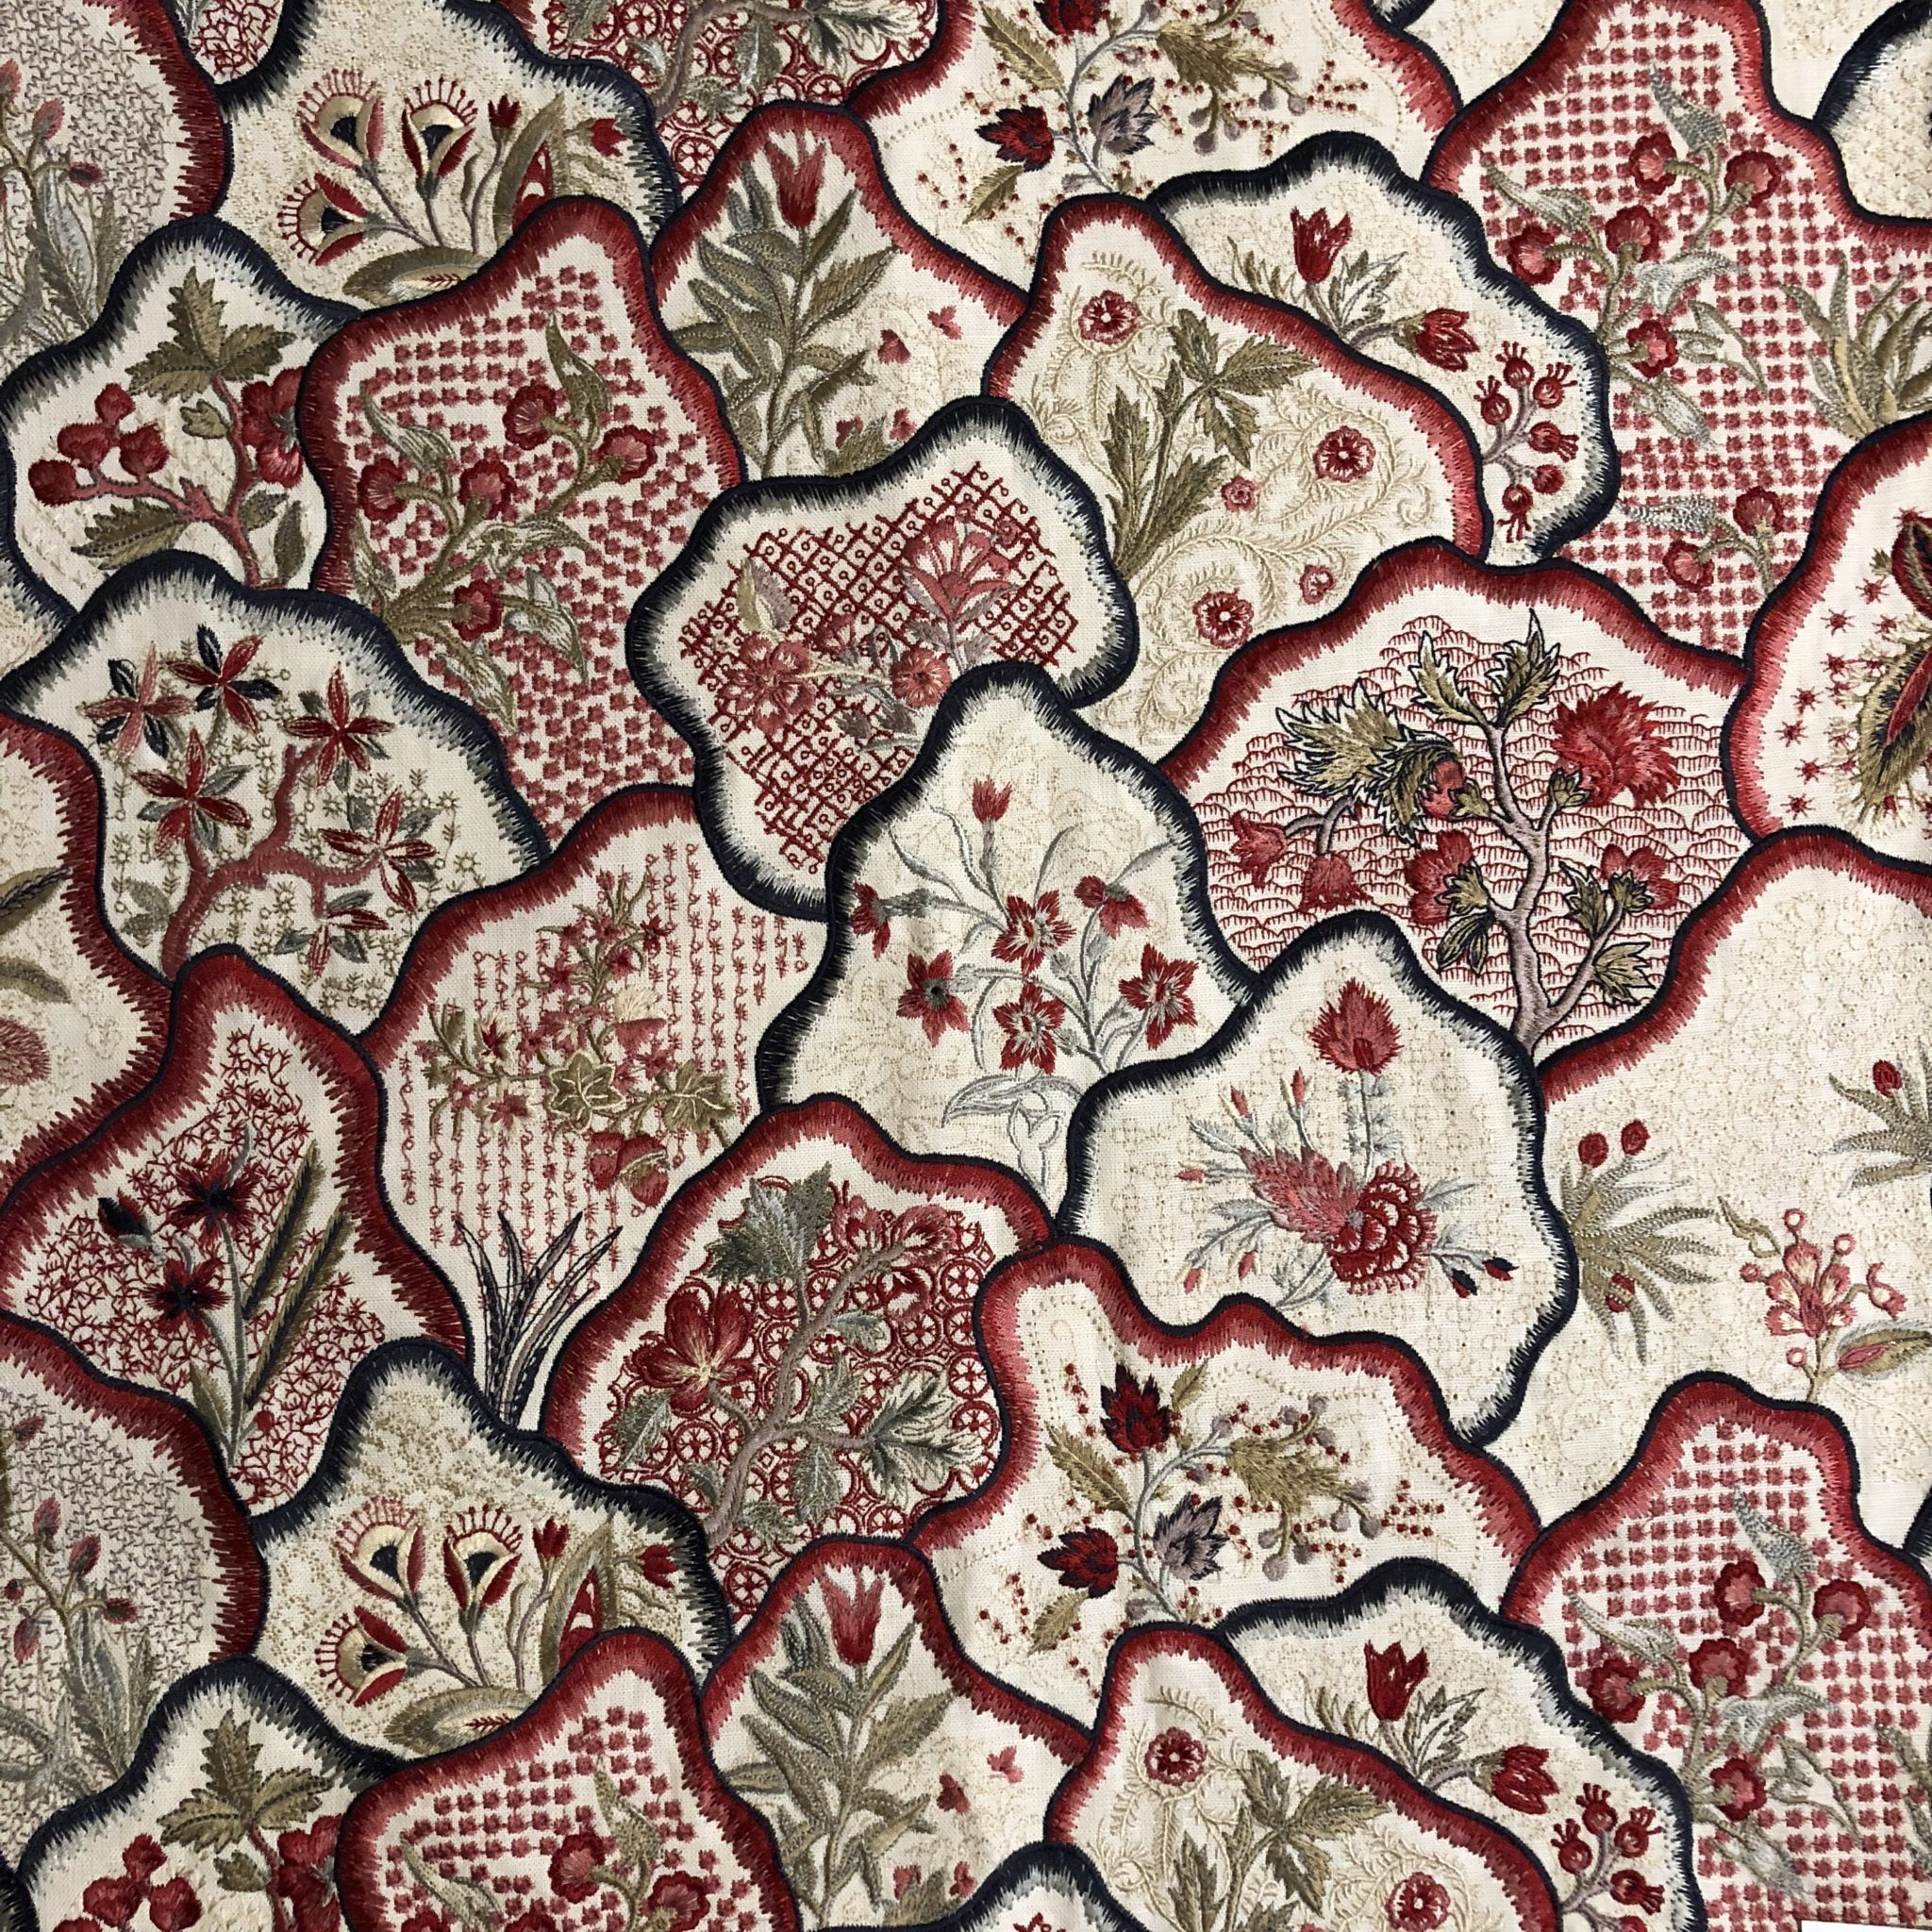 'Les Fleurs Bengale' (B7624003 Garan) by Pierre Frey